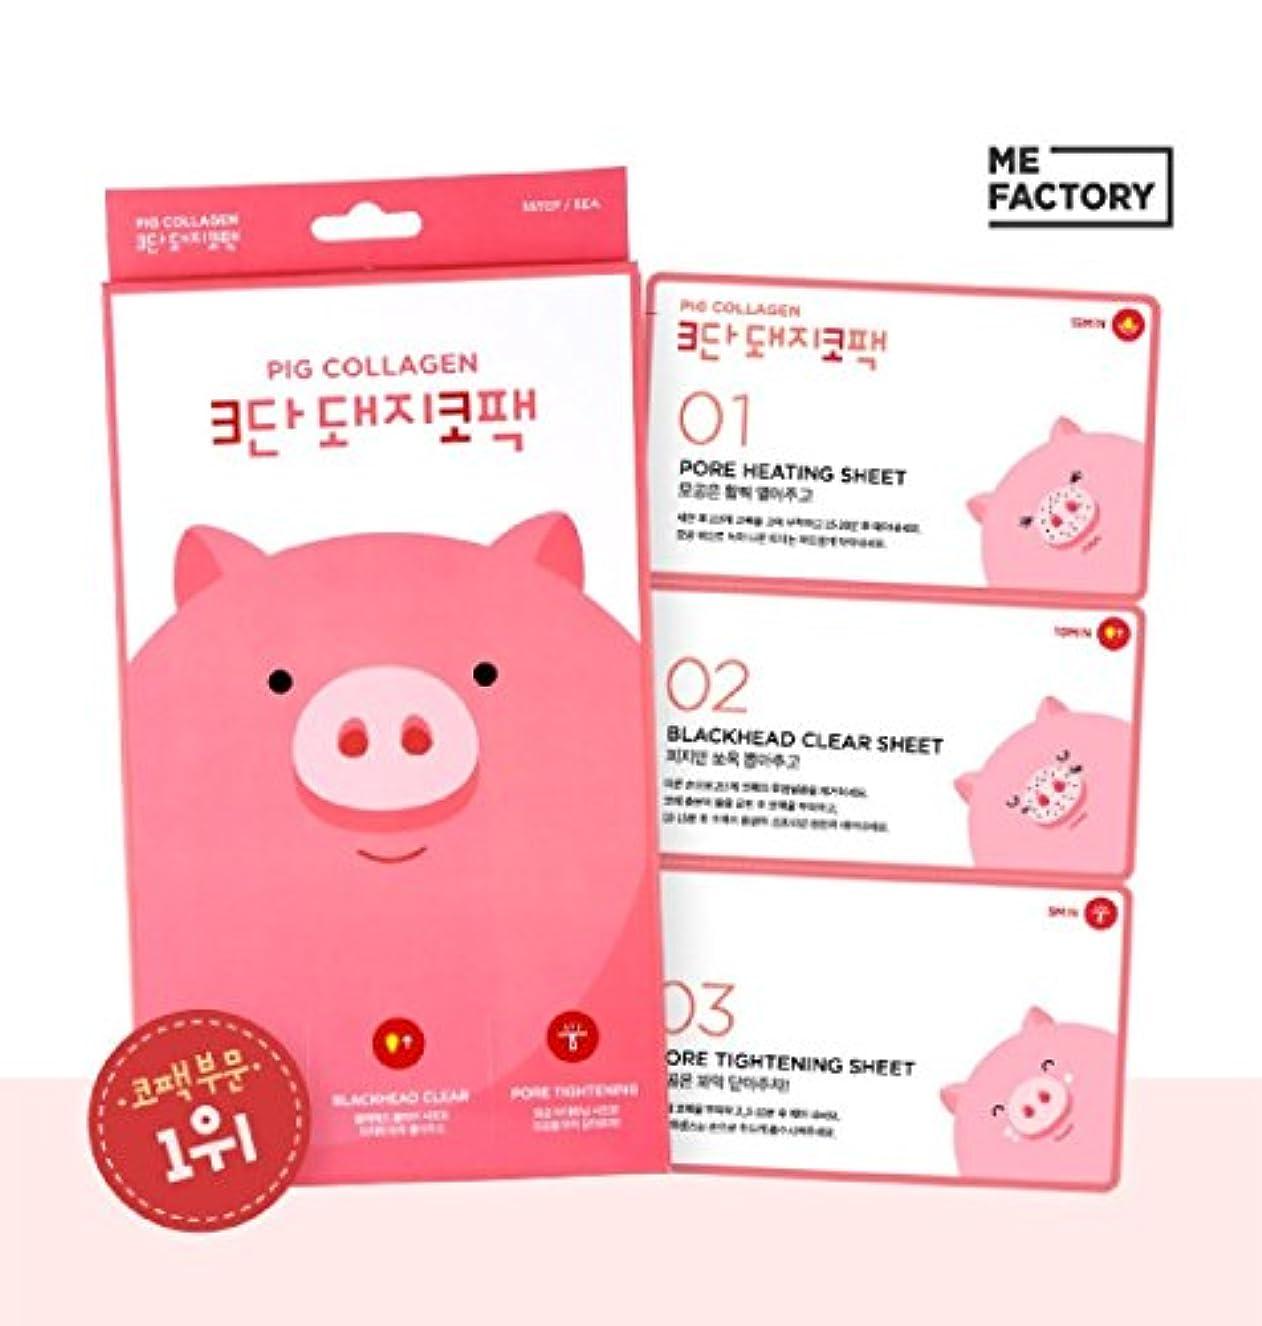 黙認する解釈するスキャン【米ファクトリー/ me factory]韓国化粧品/ Me Factory Pig Collagen 3 Step Kit Pig Nose Mask Pack X 5 Piece/米ファクトリー3段豚コペク(5枚)フィジー...